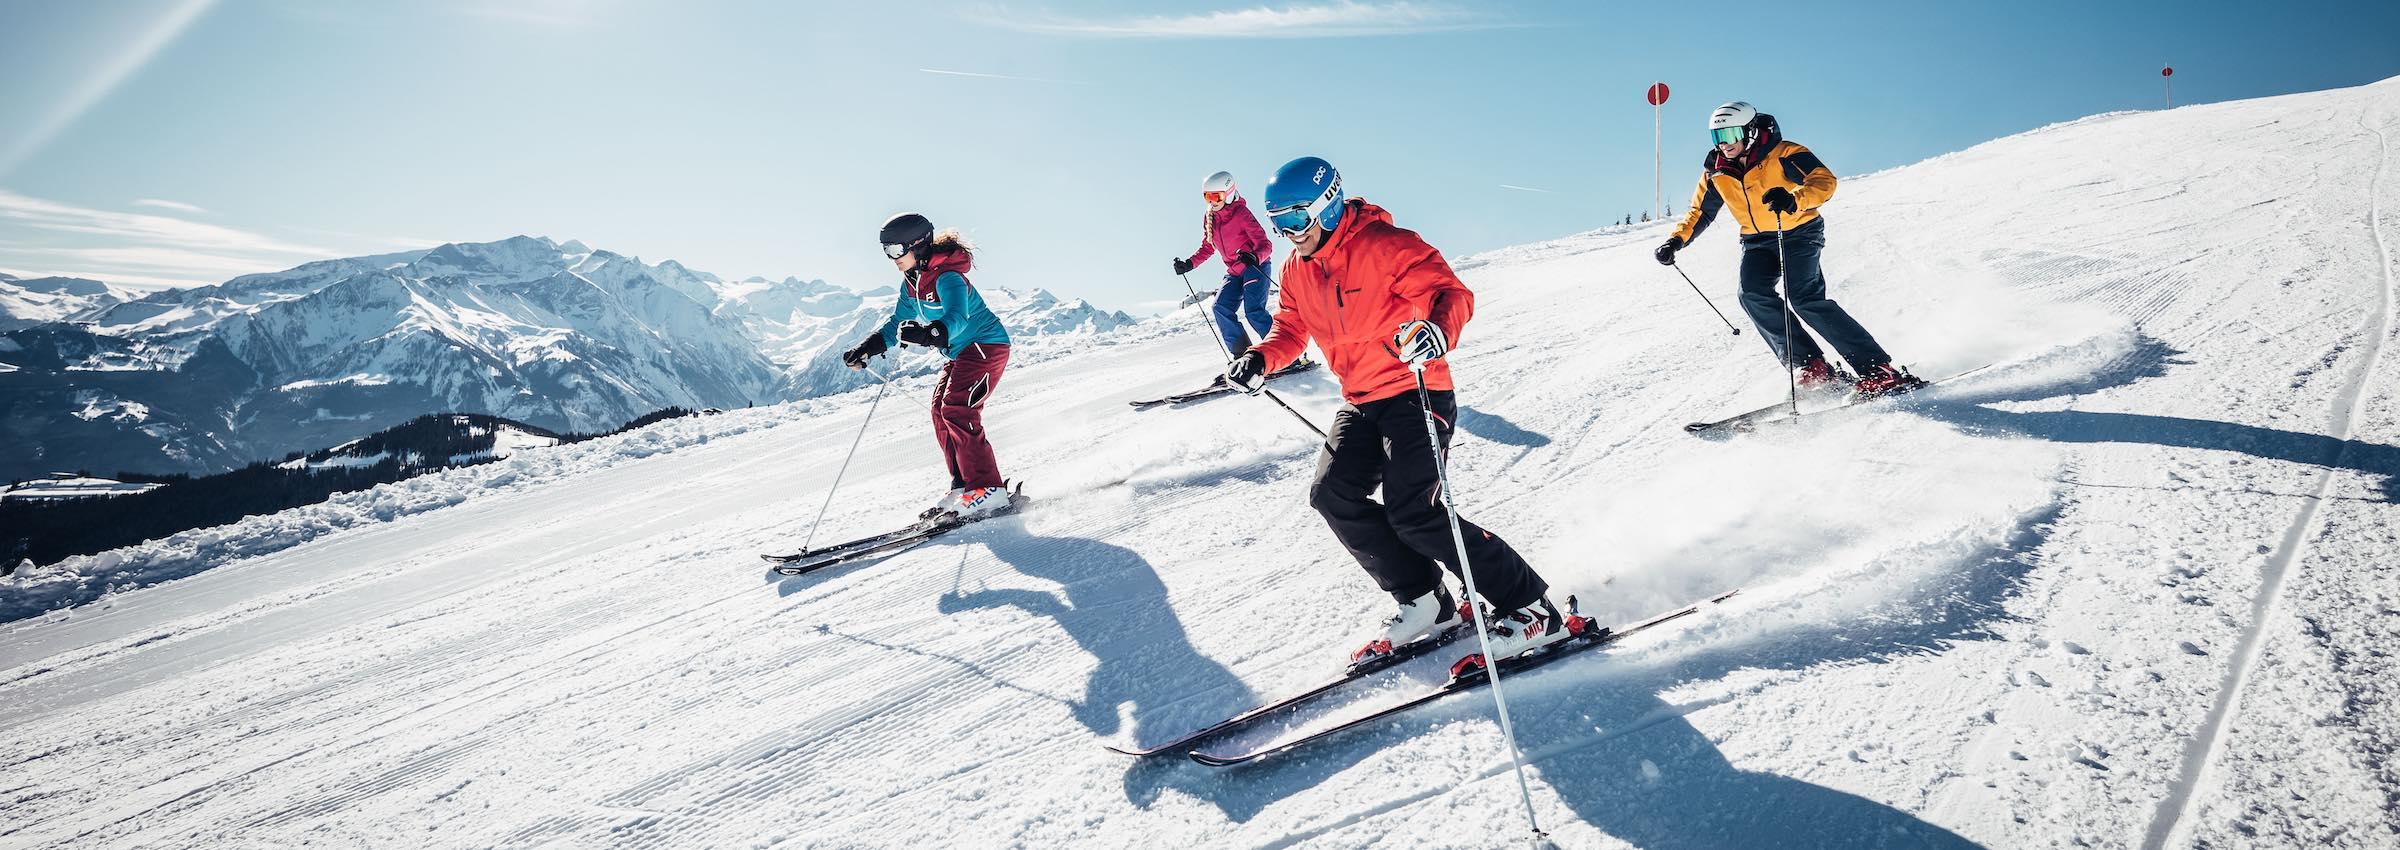 skiguiding